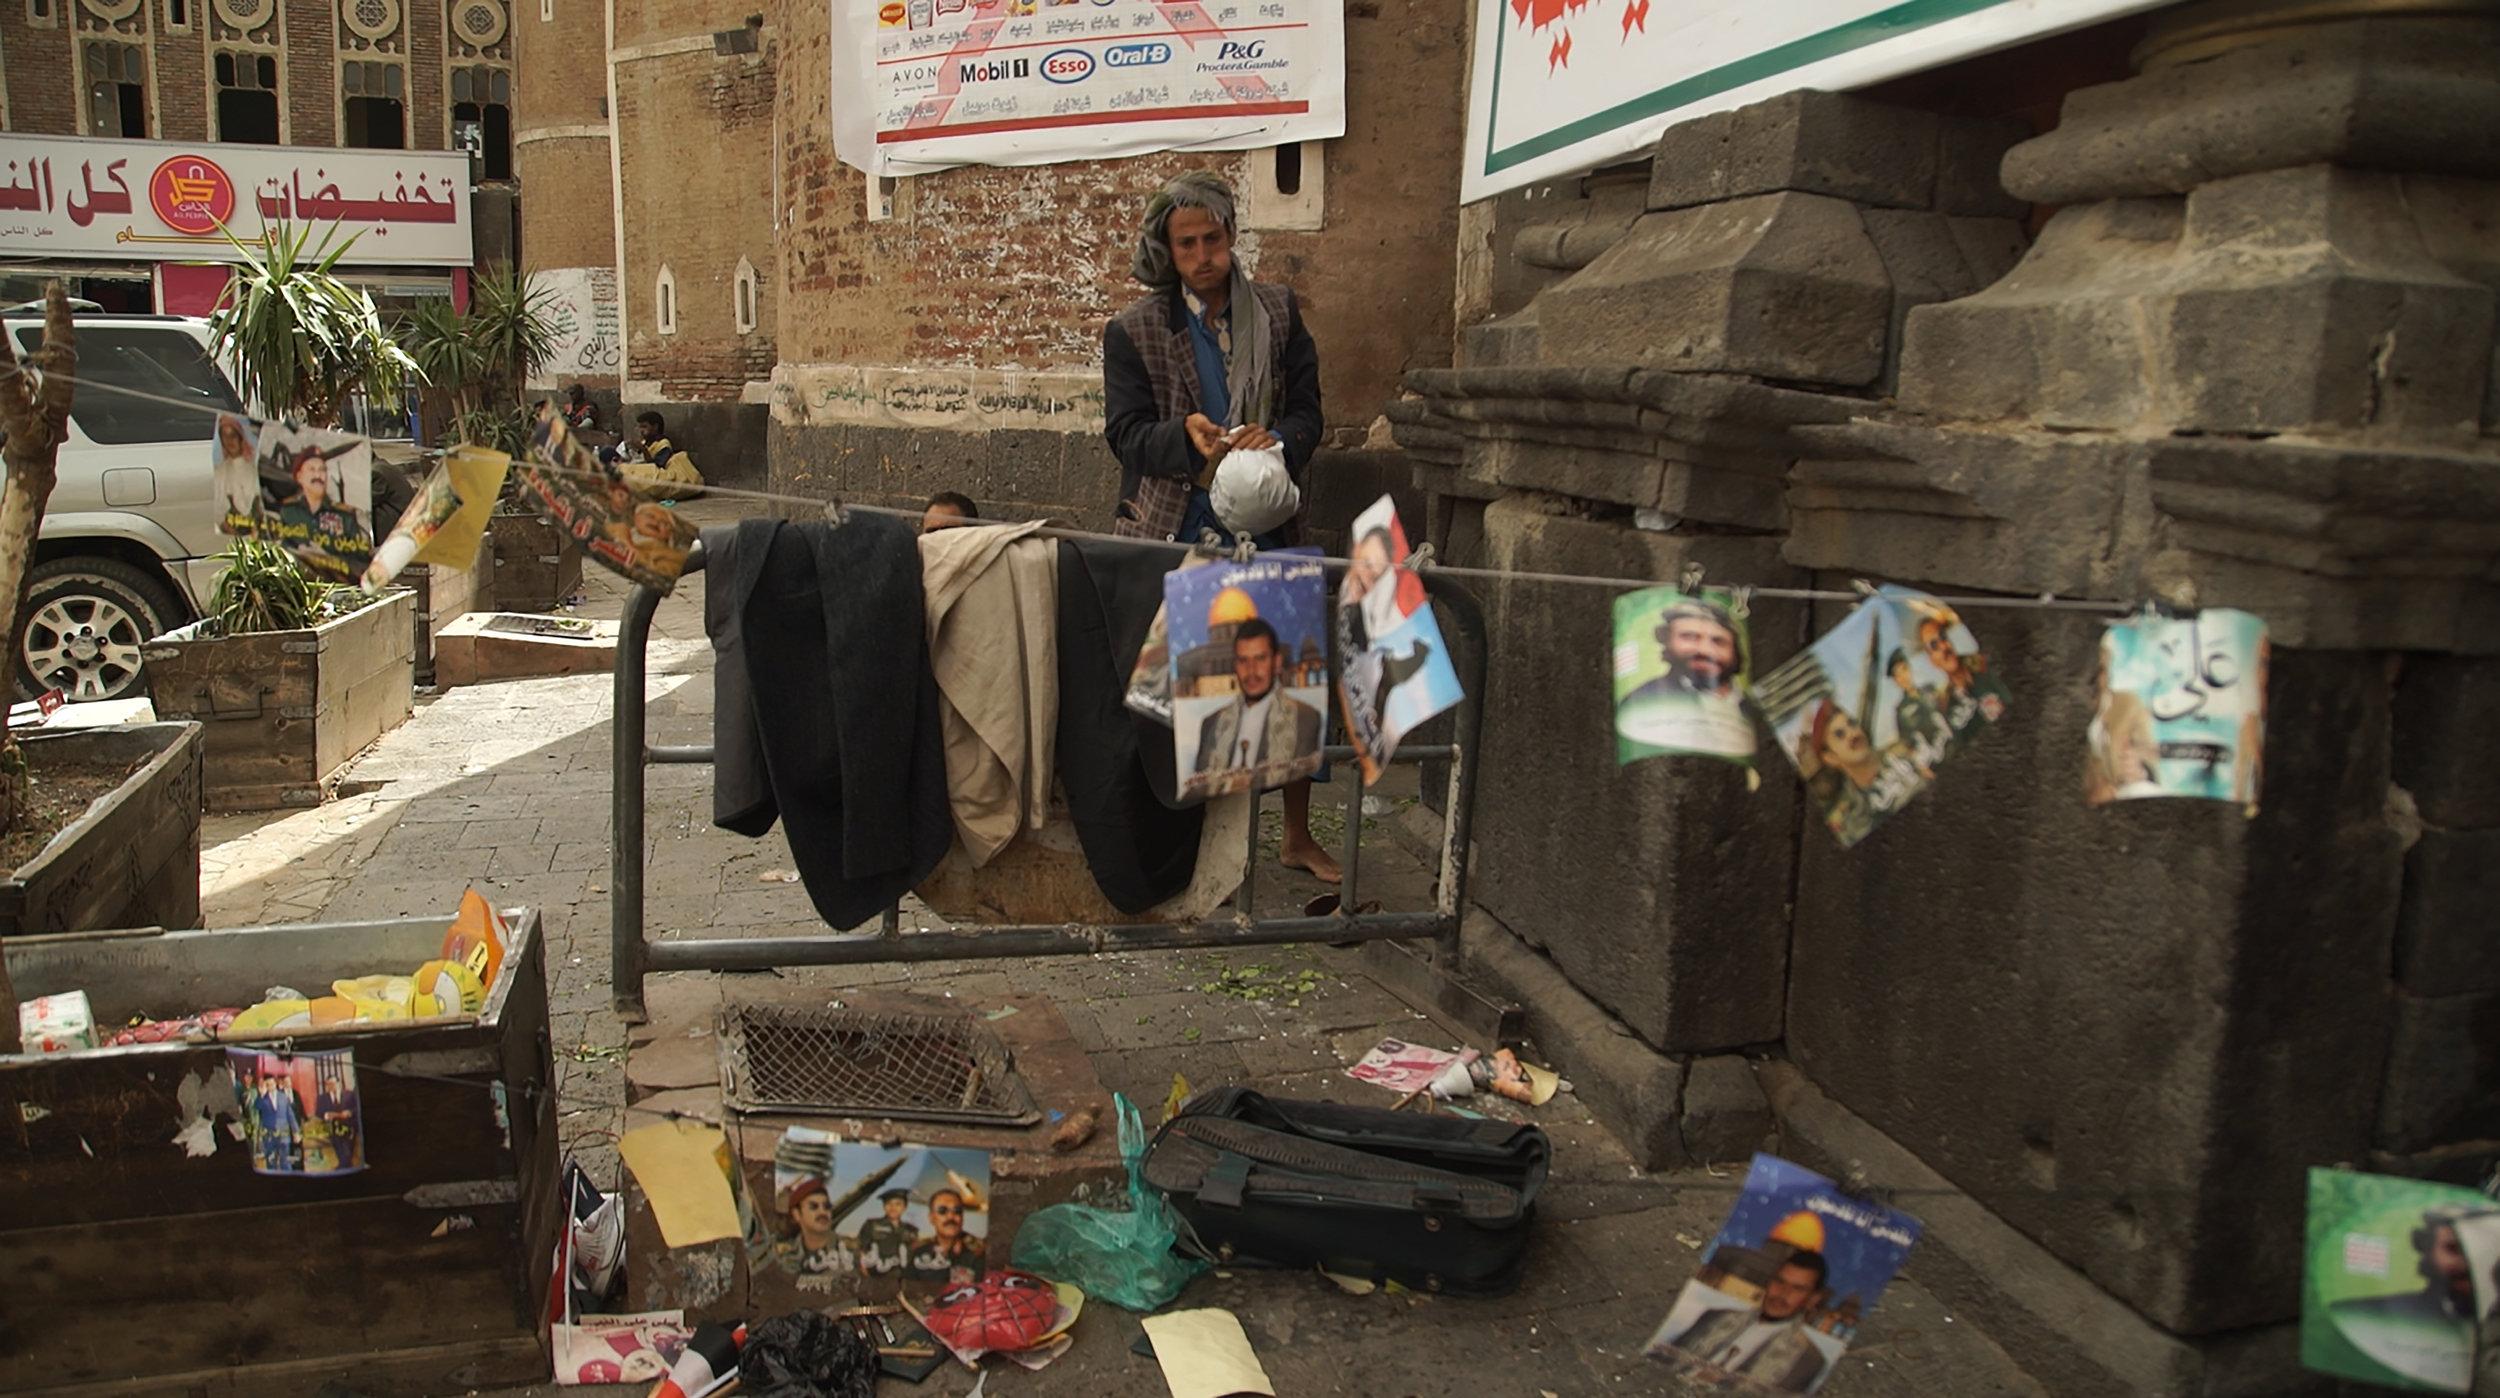 MEMENTO_YEMEN-5_S-ROSSI_Les portraits des leaders des rebelles en vente dans la vieille ville de Sanaa.jpg